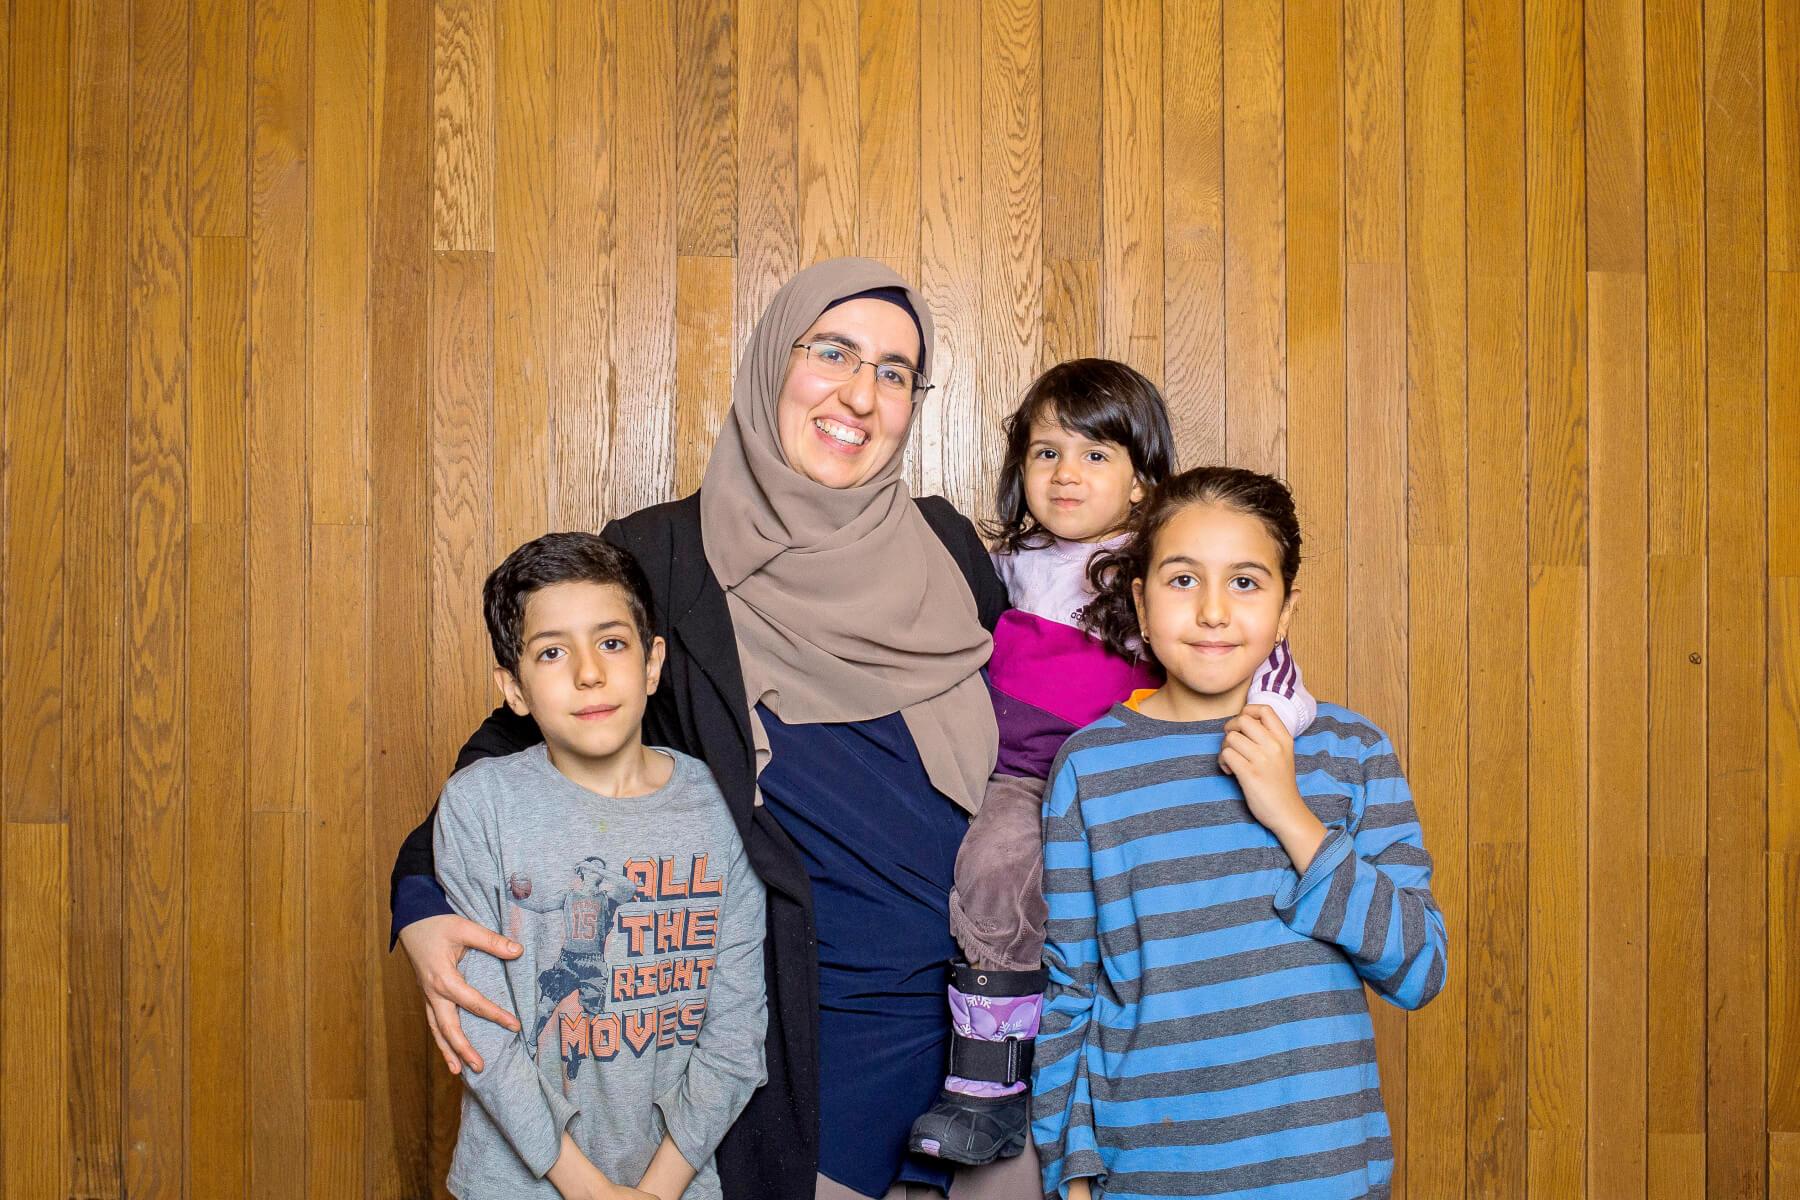 Entrevue : passer à l'action en impliquant ses enfants